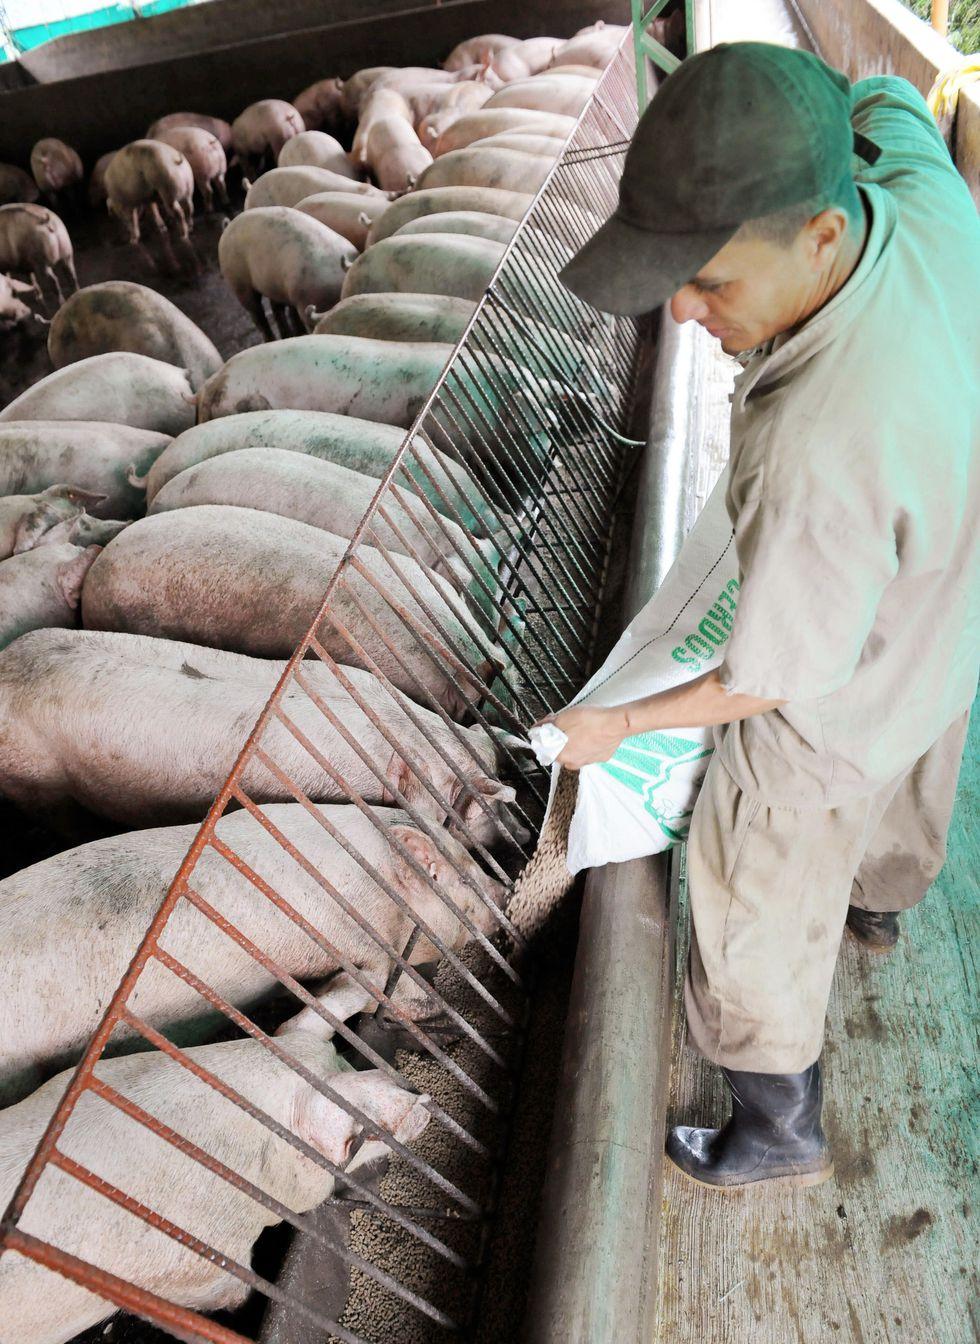 El evento 201 simuló un brote de un nuevo coronavirus zoonótico transmitido de murciélagos a cerdos y de cerdos a personas. Foto referencial: AFP PHOTO/ Raul ARBOLEDA